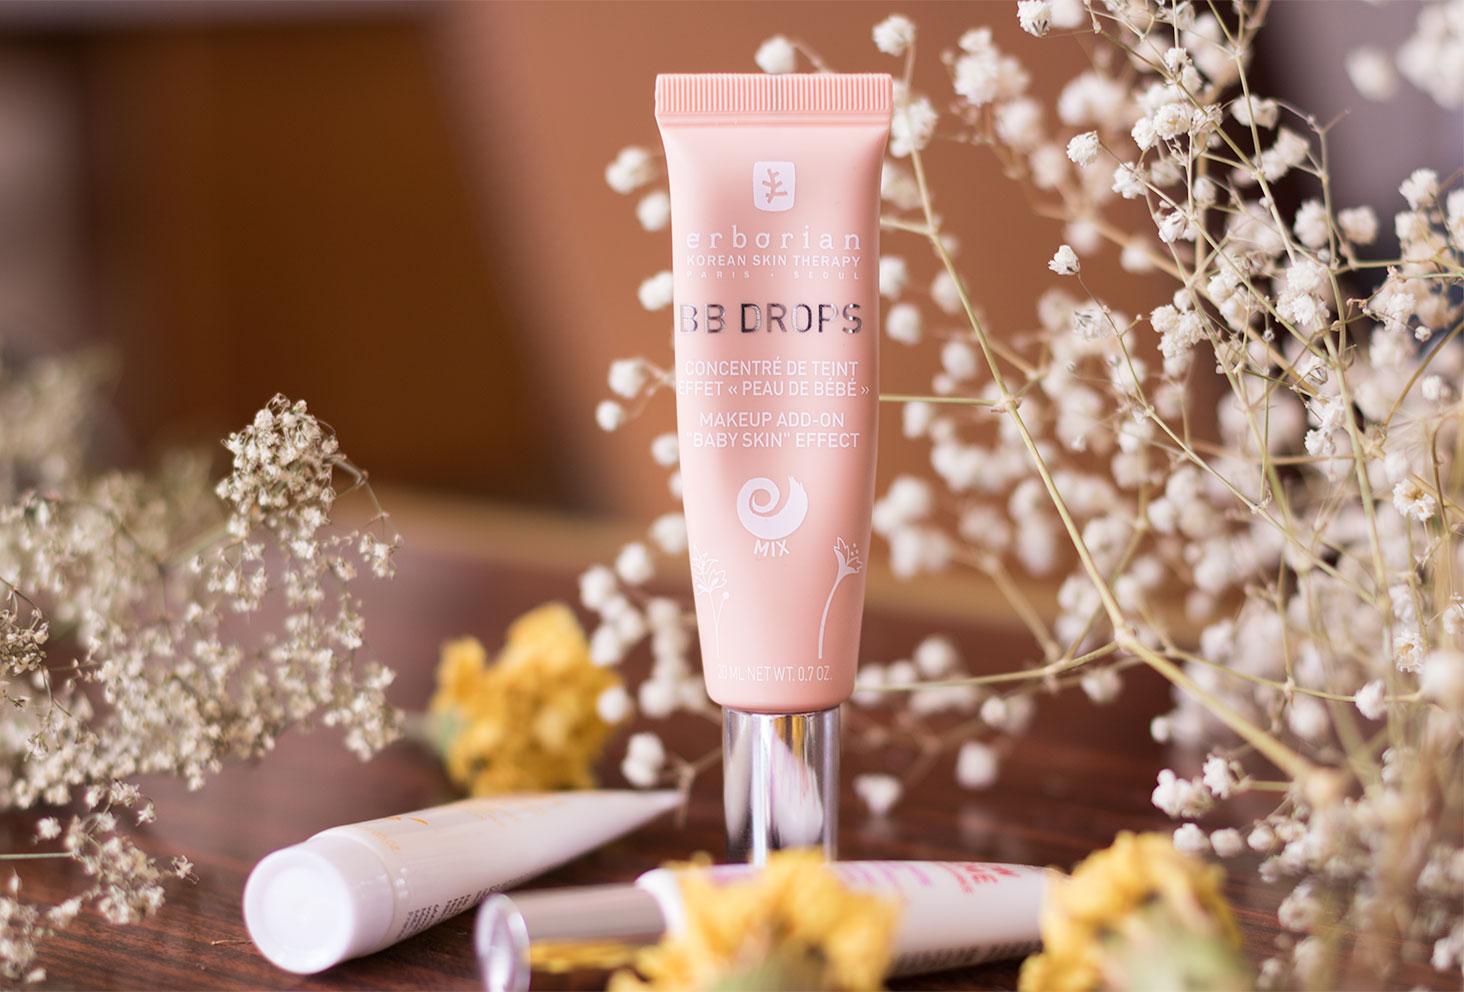 La BB Drops par Erborian dans son packaging rose poudré posée sur une table en bois et entourée de fleurs séchées